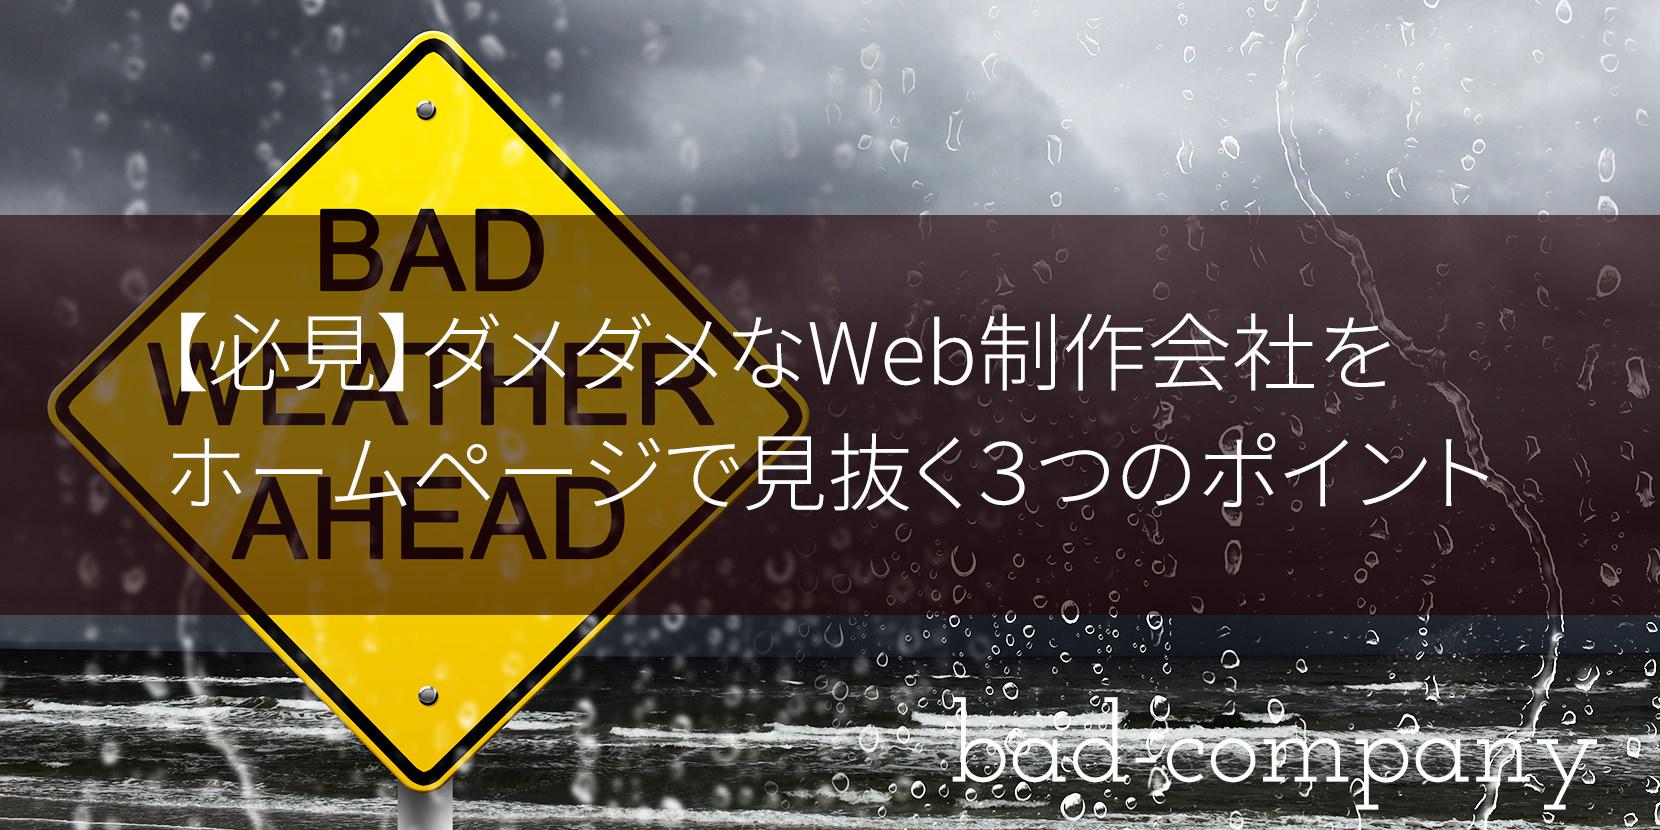 【必見】ダメダメなWeb制作会社をホームページで見抜く3つのポイント